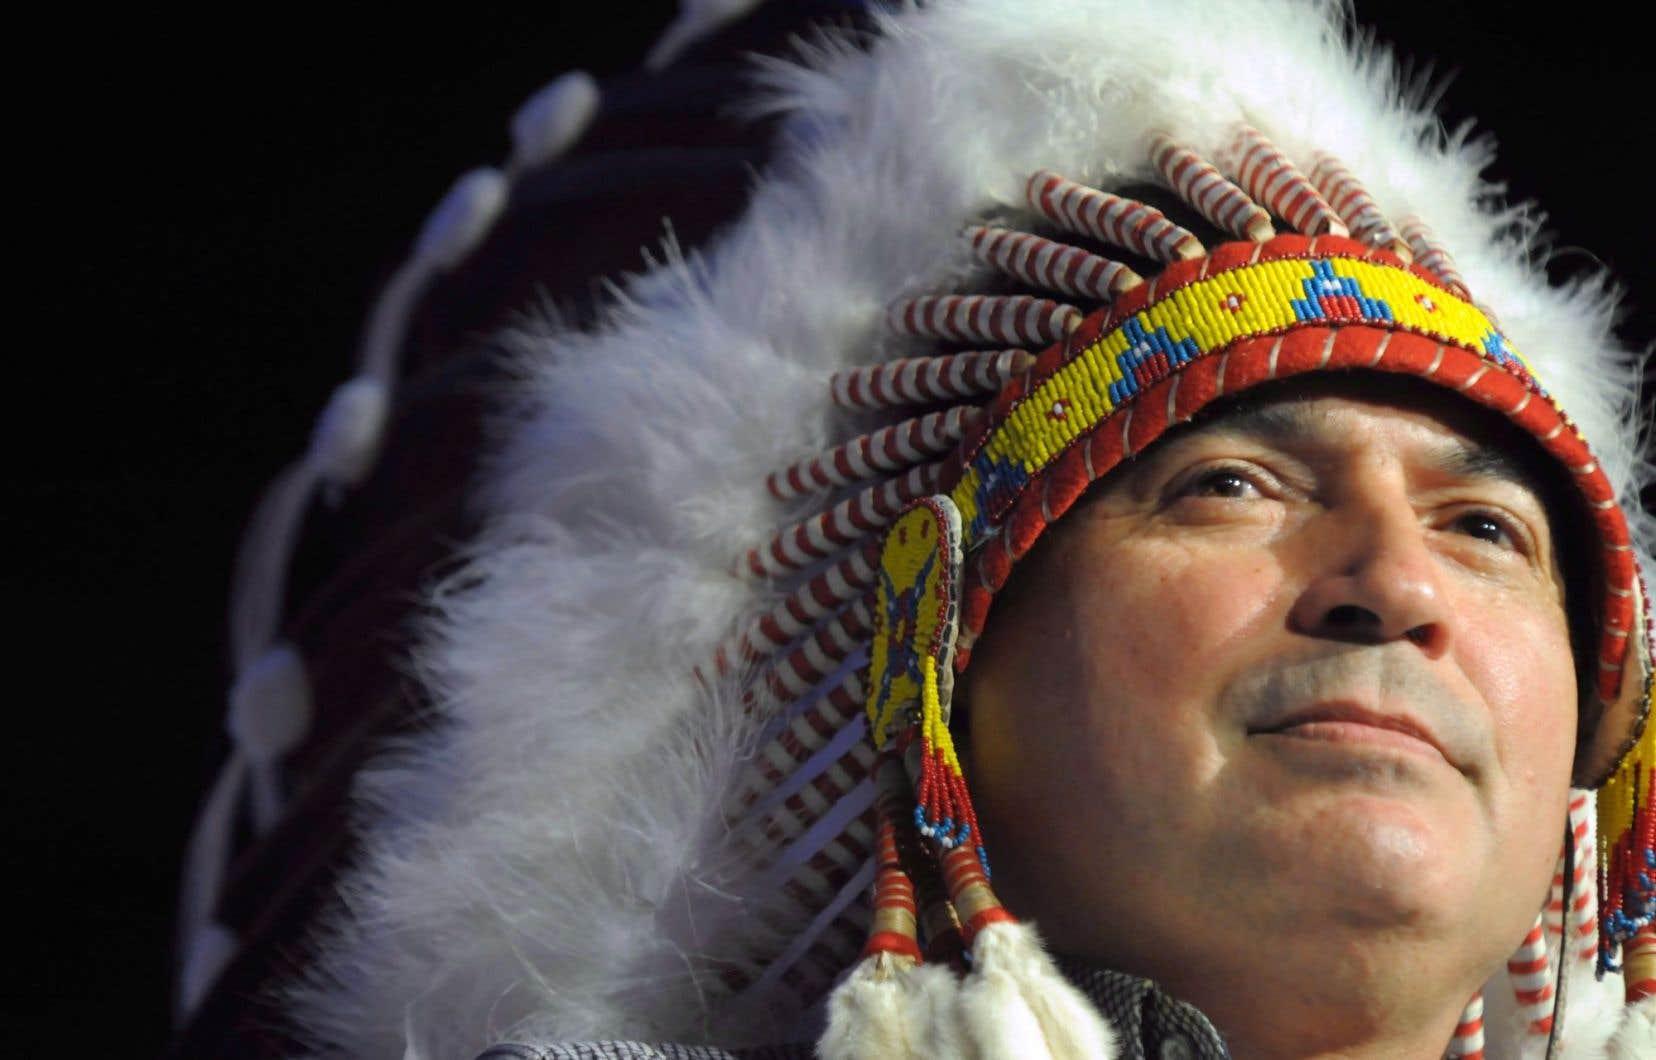 Le chef national de l'Assemblée des Premières Nations, Perry Bellegarde, a reconnu que les chefs régionaux sont divisés quant au sort de la commission d'enquête.